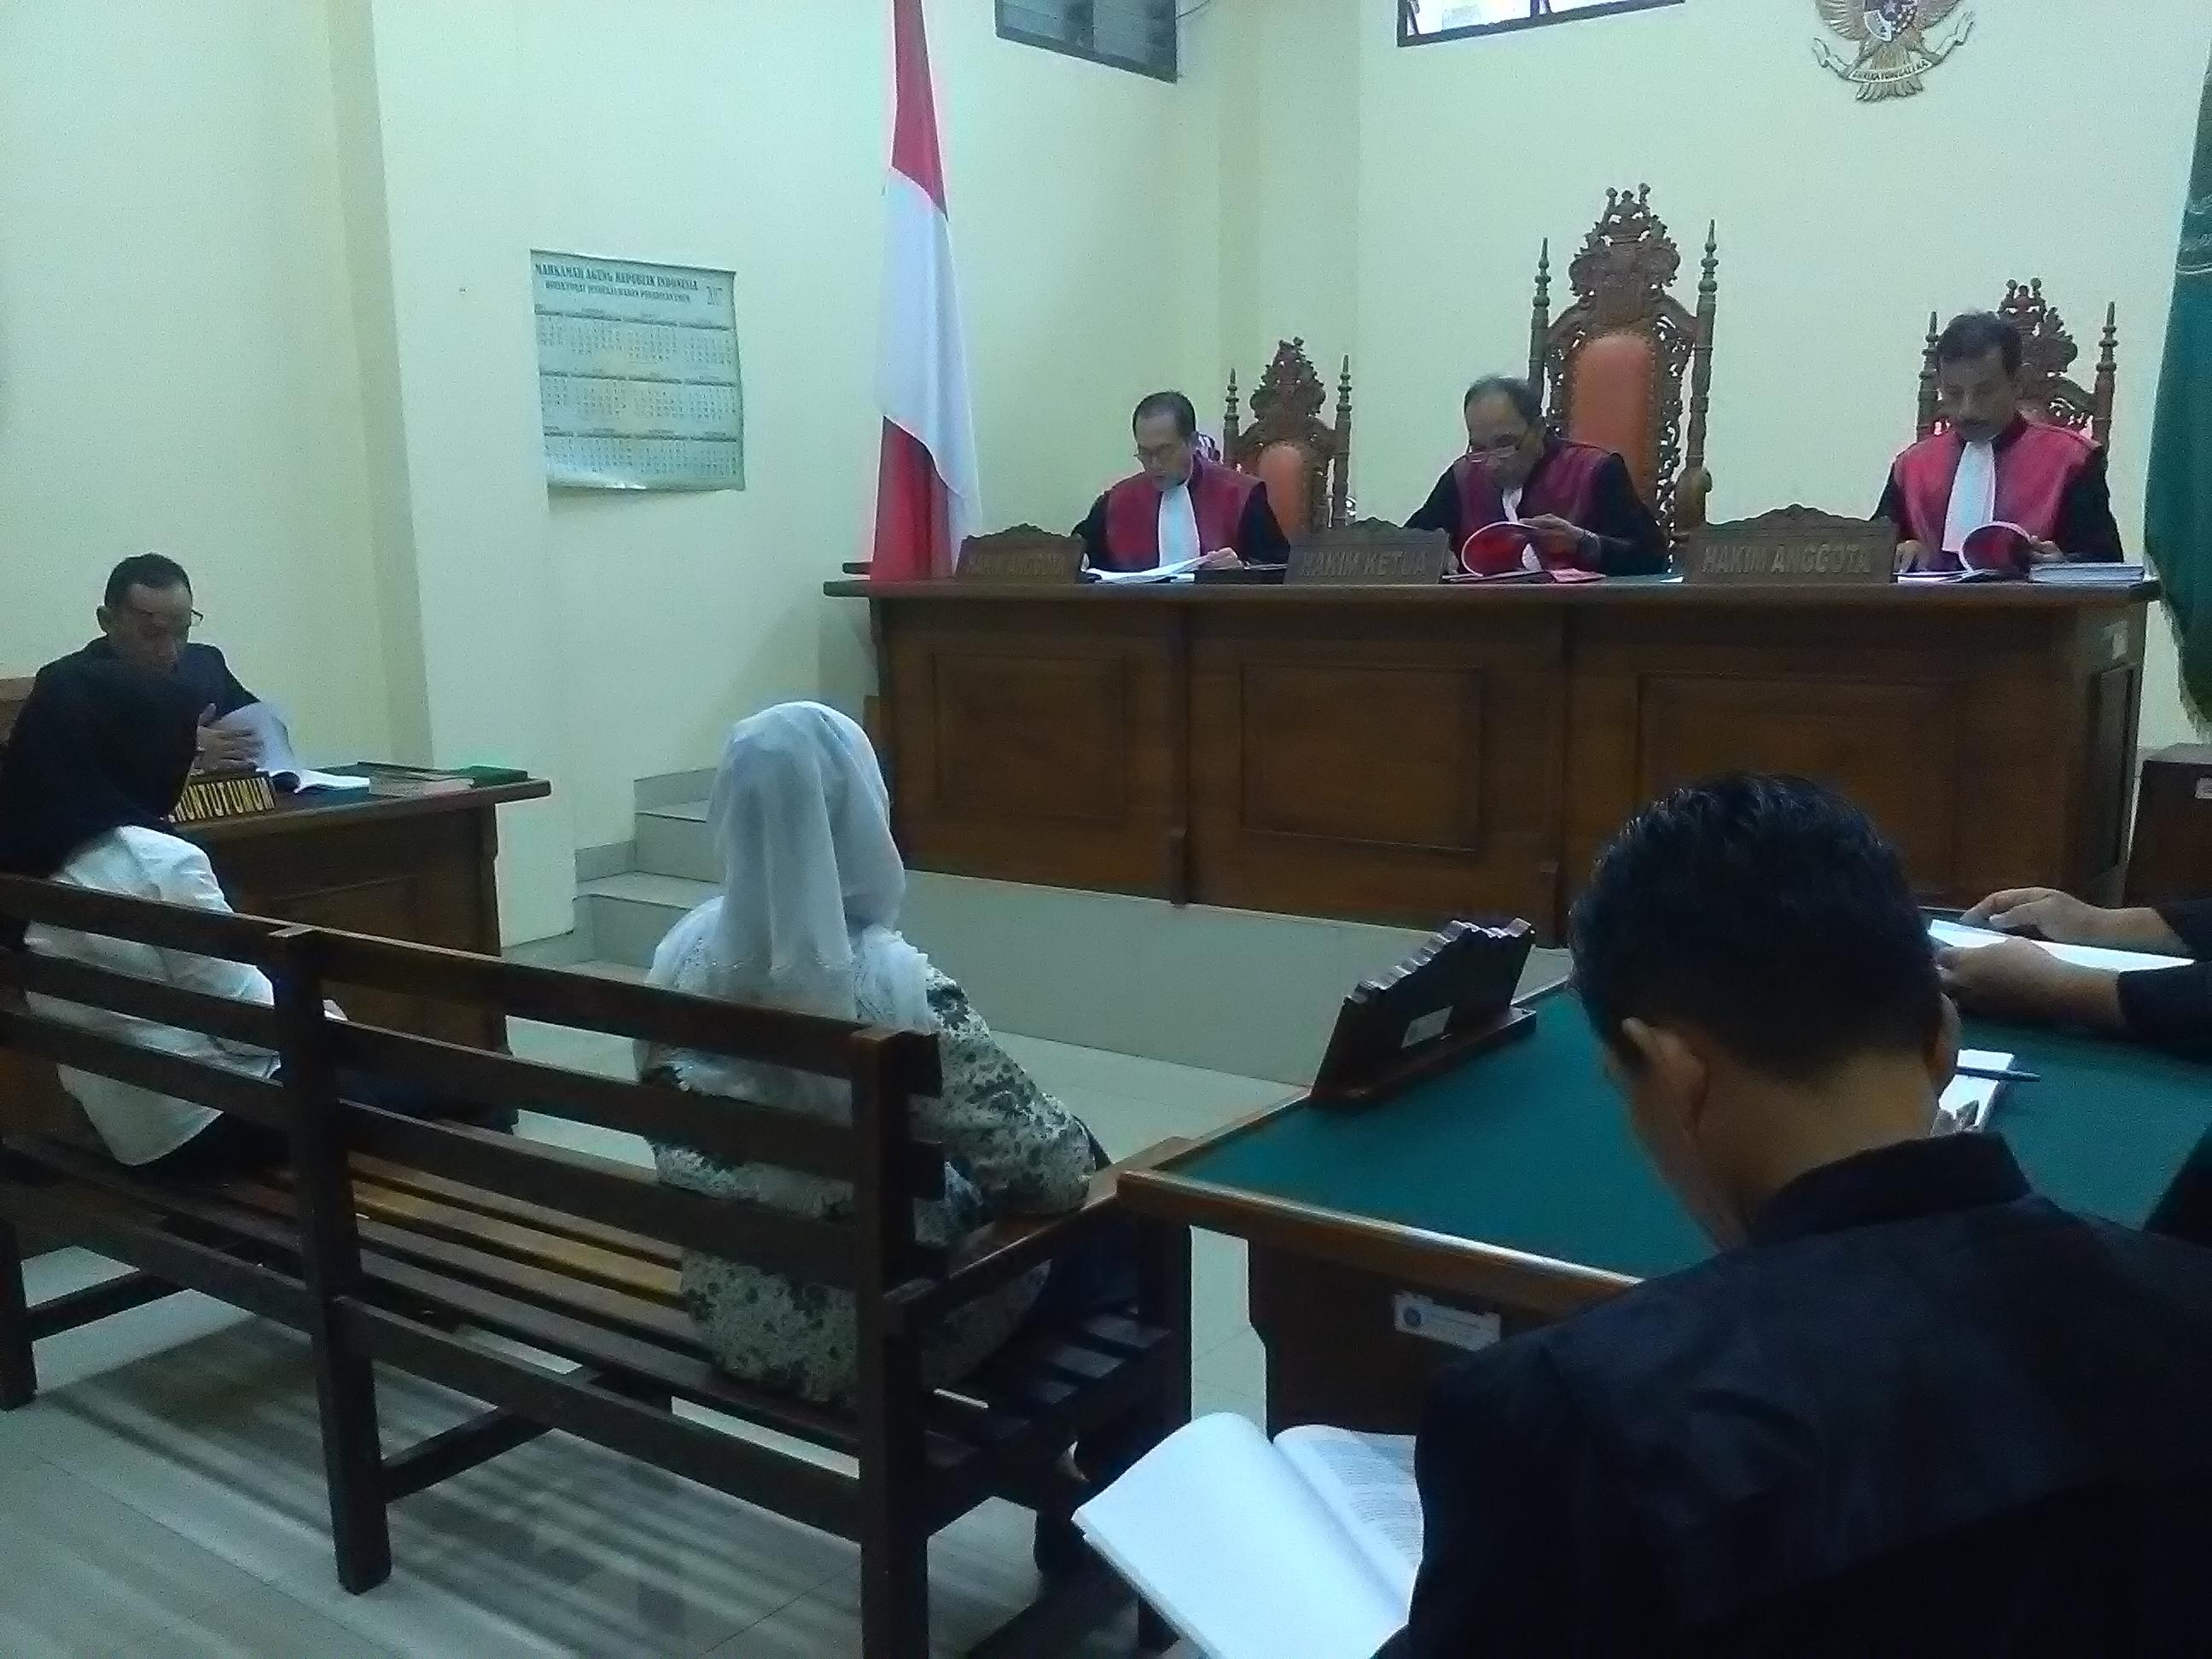 Kepala sekolah dan bendahara SMPN 24 menjalani sidang tuntutan di Pengadilan Negeri kelas IA, Tanjungkarang, Bandarlampung. (Foto: Lampungnews.com/Adam)